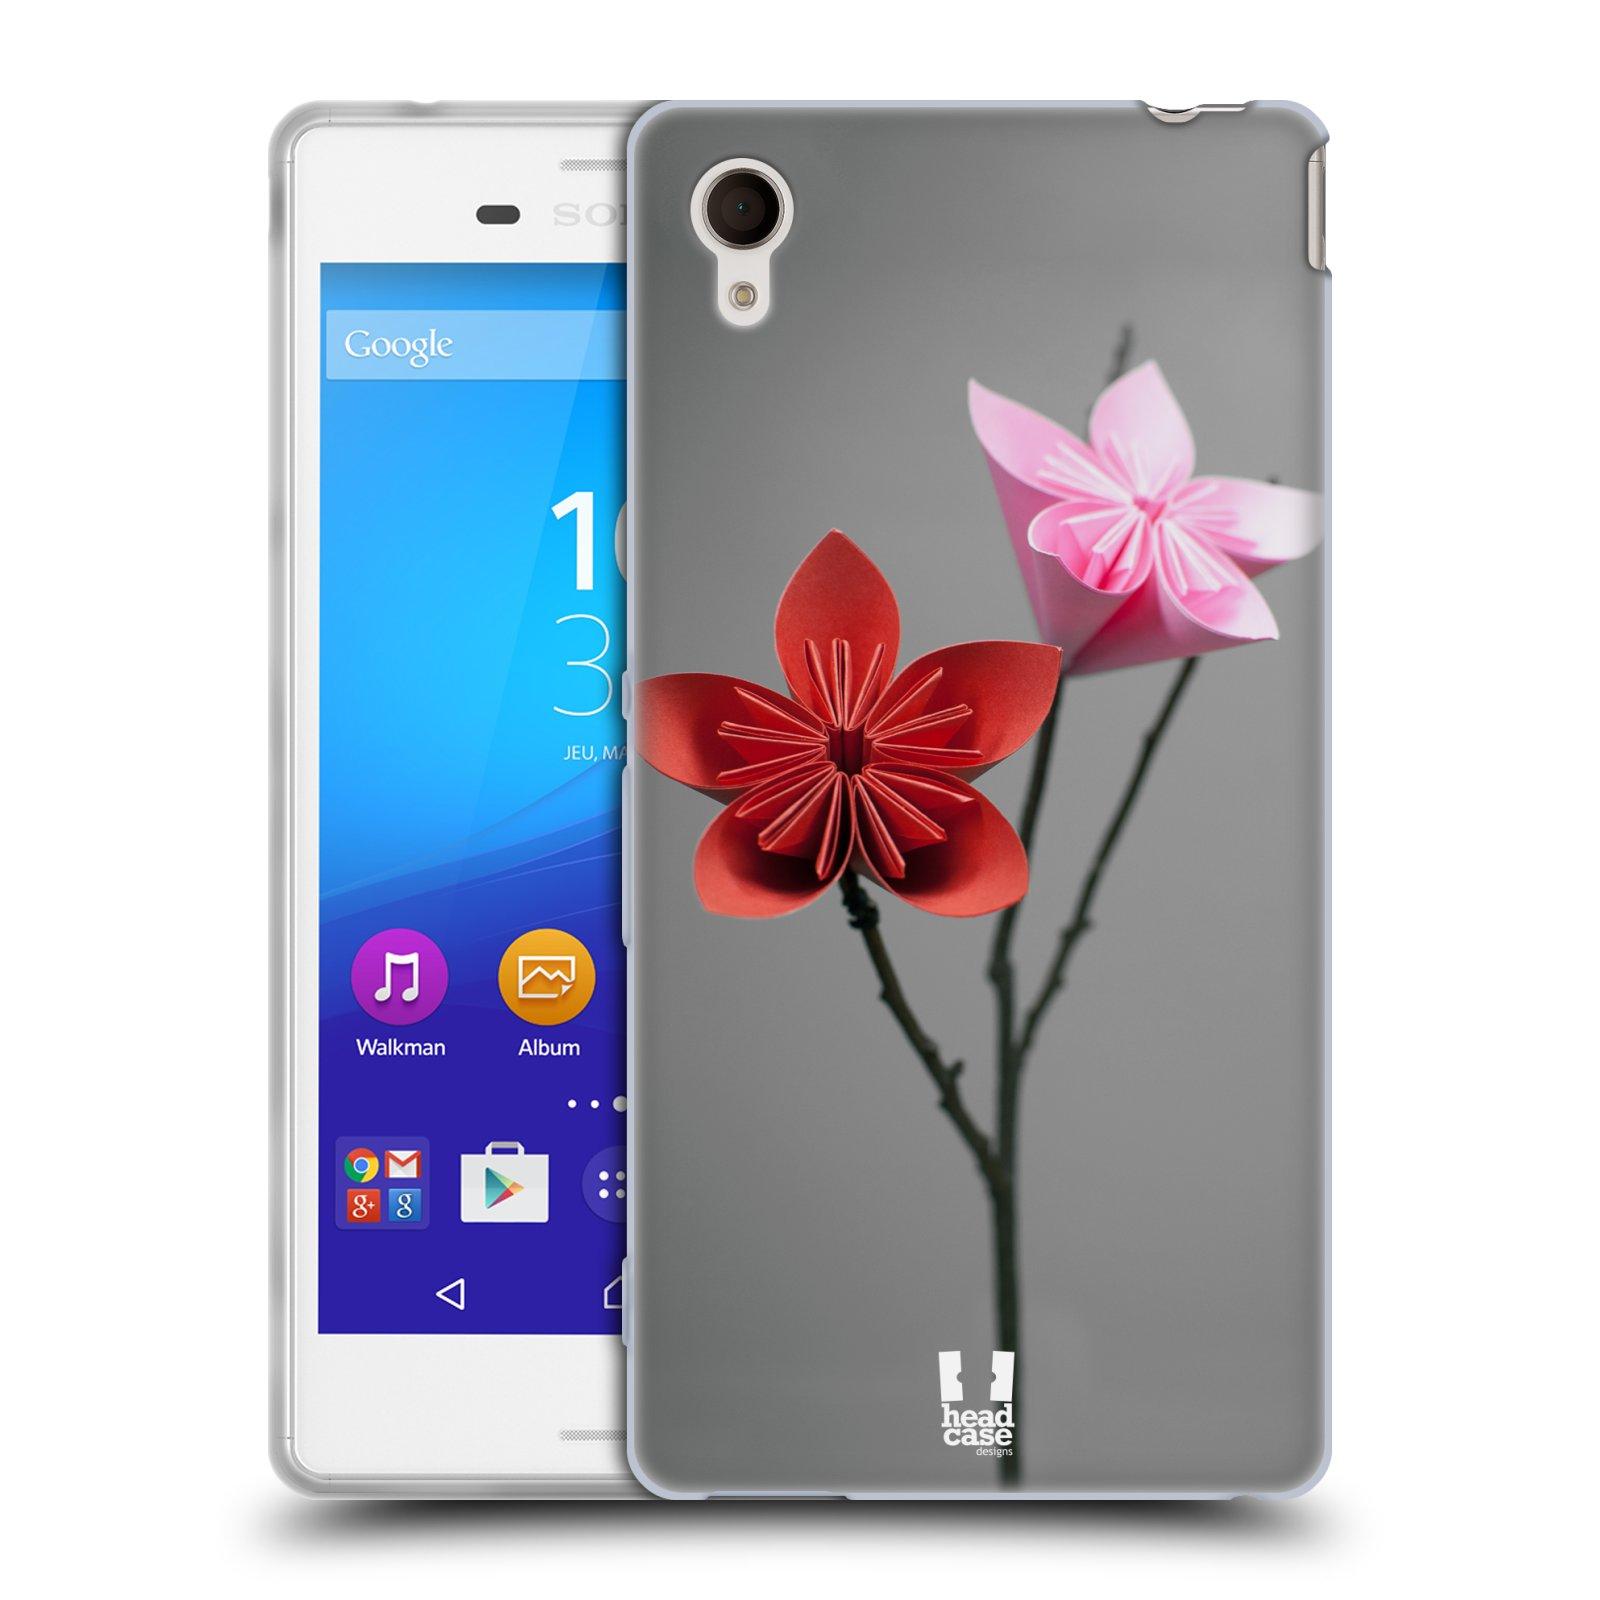 Silikonové pouzdro na mobil Sony Xperia M4 Aqua E2303 HEAD CASE KUSUDAMA (Silikonový kryt či obal na mobilní telefon Sony Xperia M4 Aqua a M4 Aqua Dual SIM)